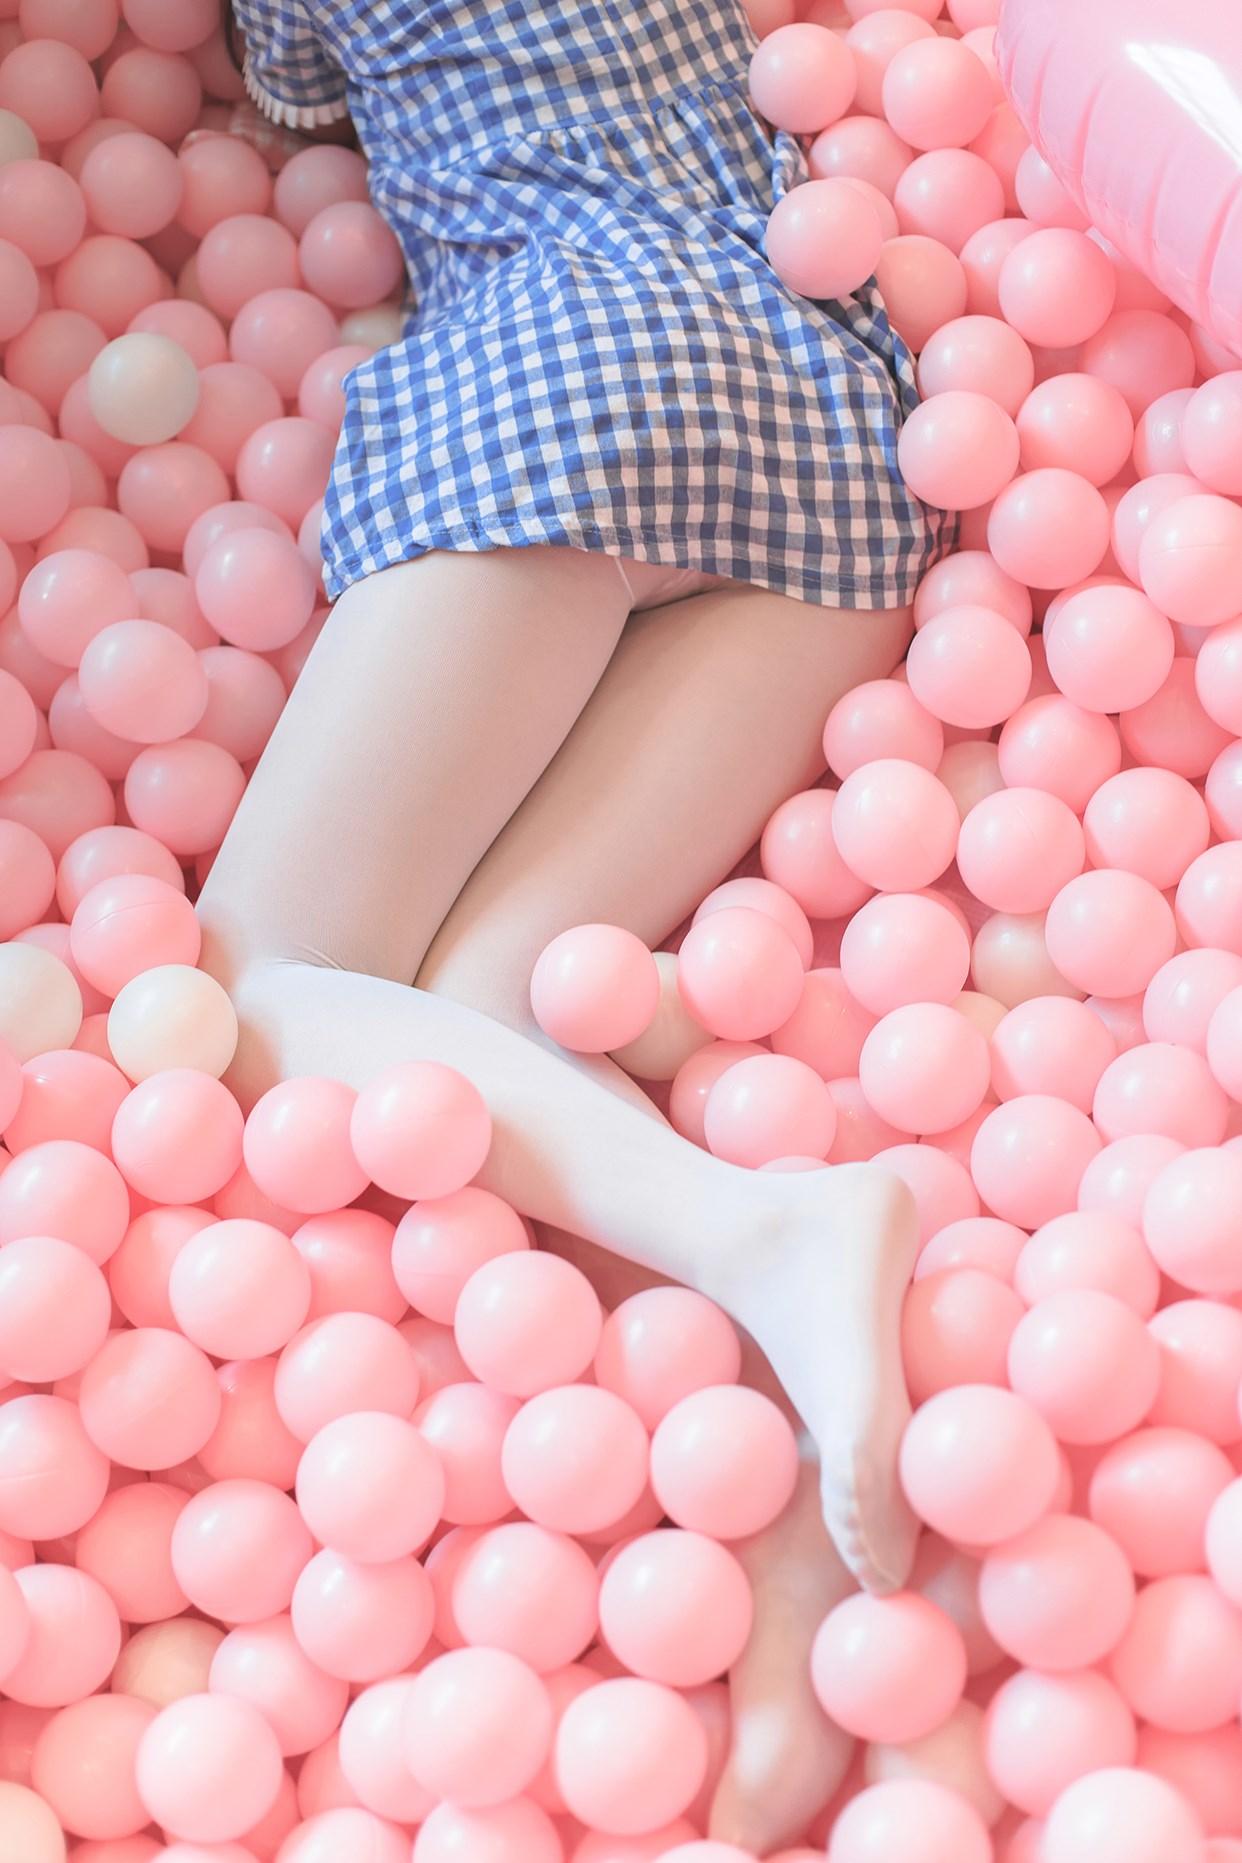 【兔玩映画】粉色的小萝莉 兔玩映画 第52张